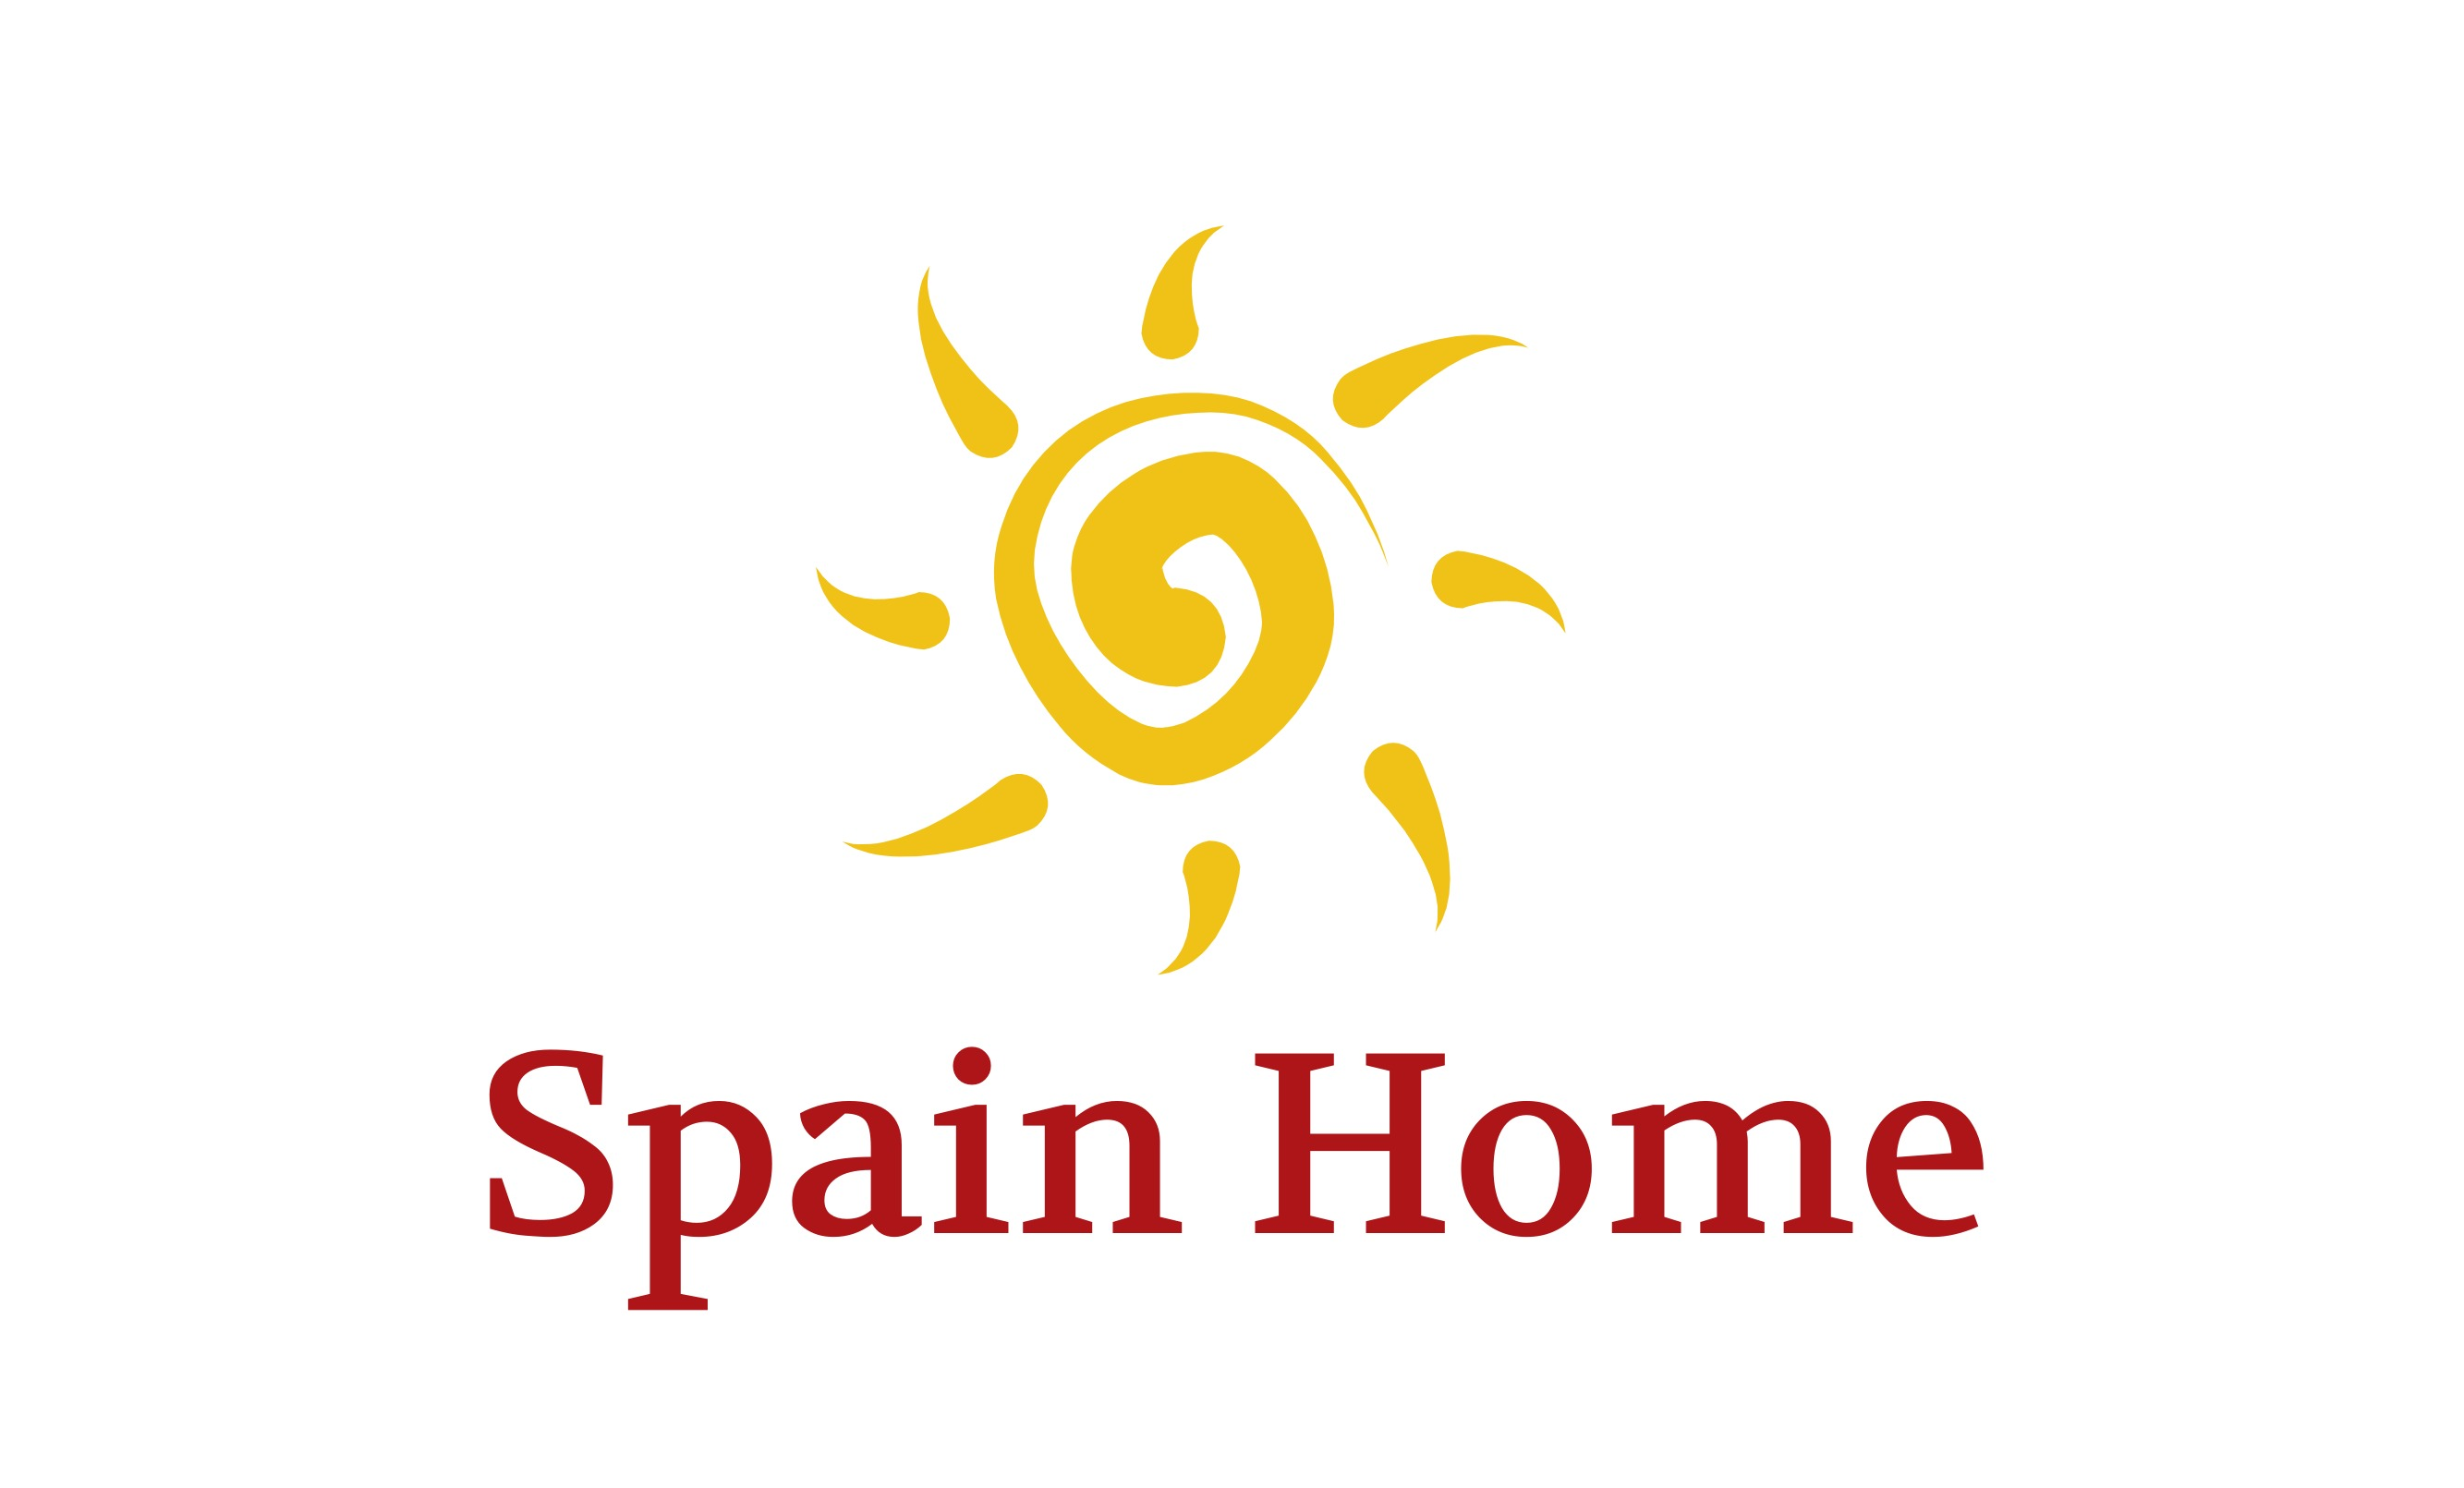 Neue 3- und 4-Zimmerwohnungen für gehobene Ansprüche direkt am Strand in Playa Paraiso am Mar Menor